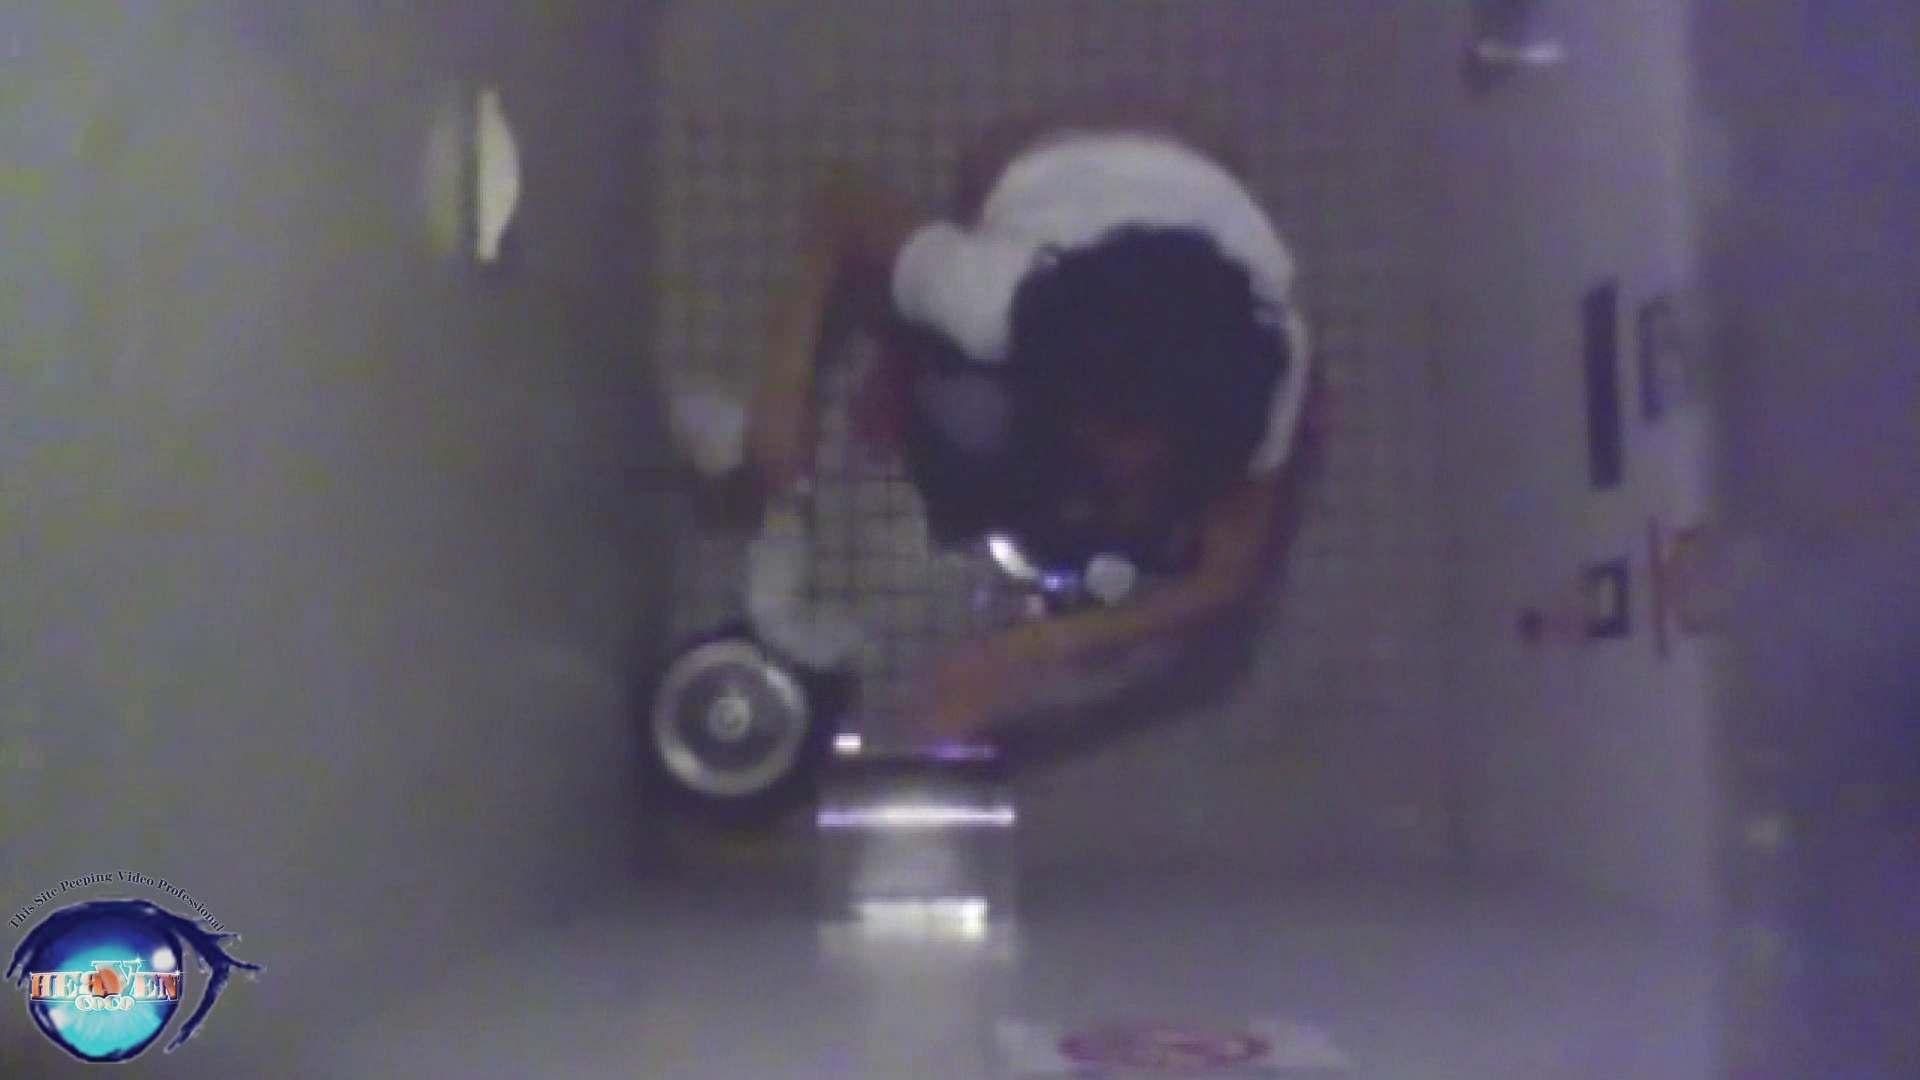 水泳大会選手の聖水 vol.01 トイレ | 厠・・・ 盗撮 102PIX 21